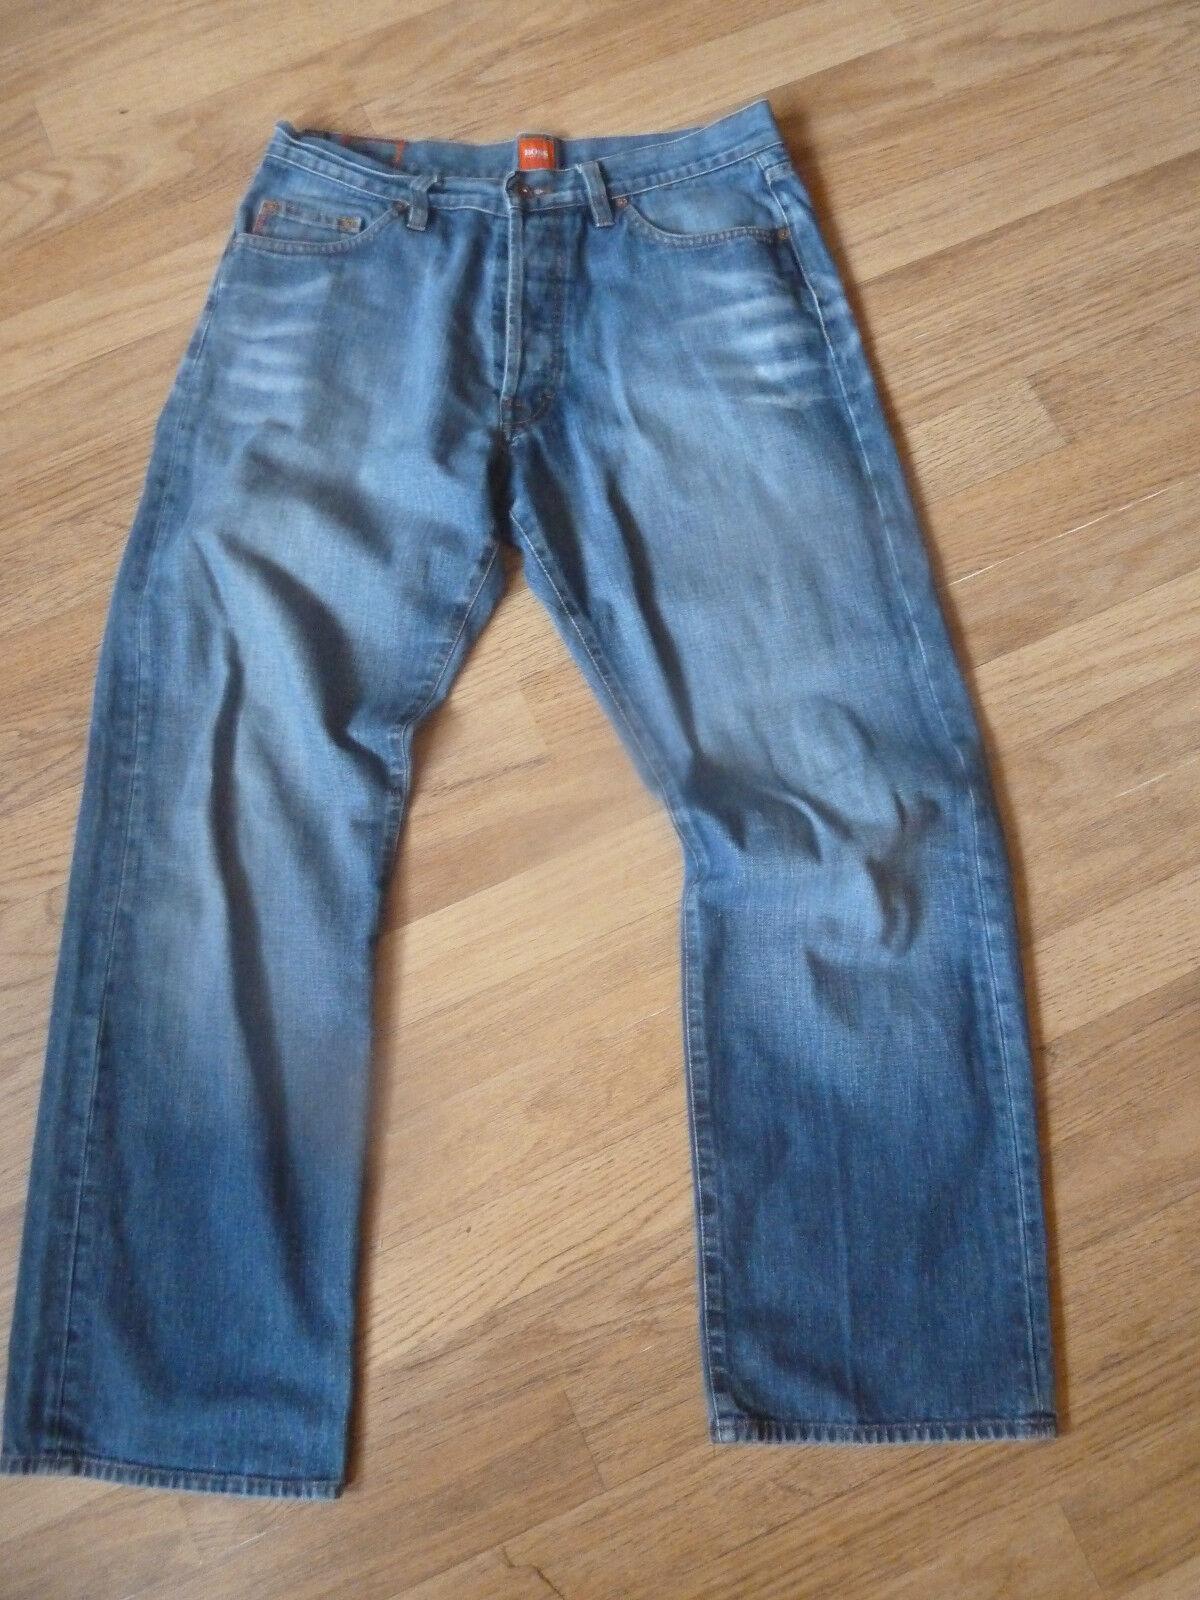 Mens HUGO BOSS jeans - Größe 34 32 great condition  | Auktion  | Der neueste Stil  | Sonderaktionen zum Jahresende